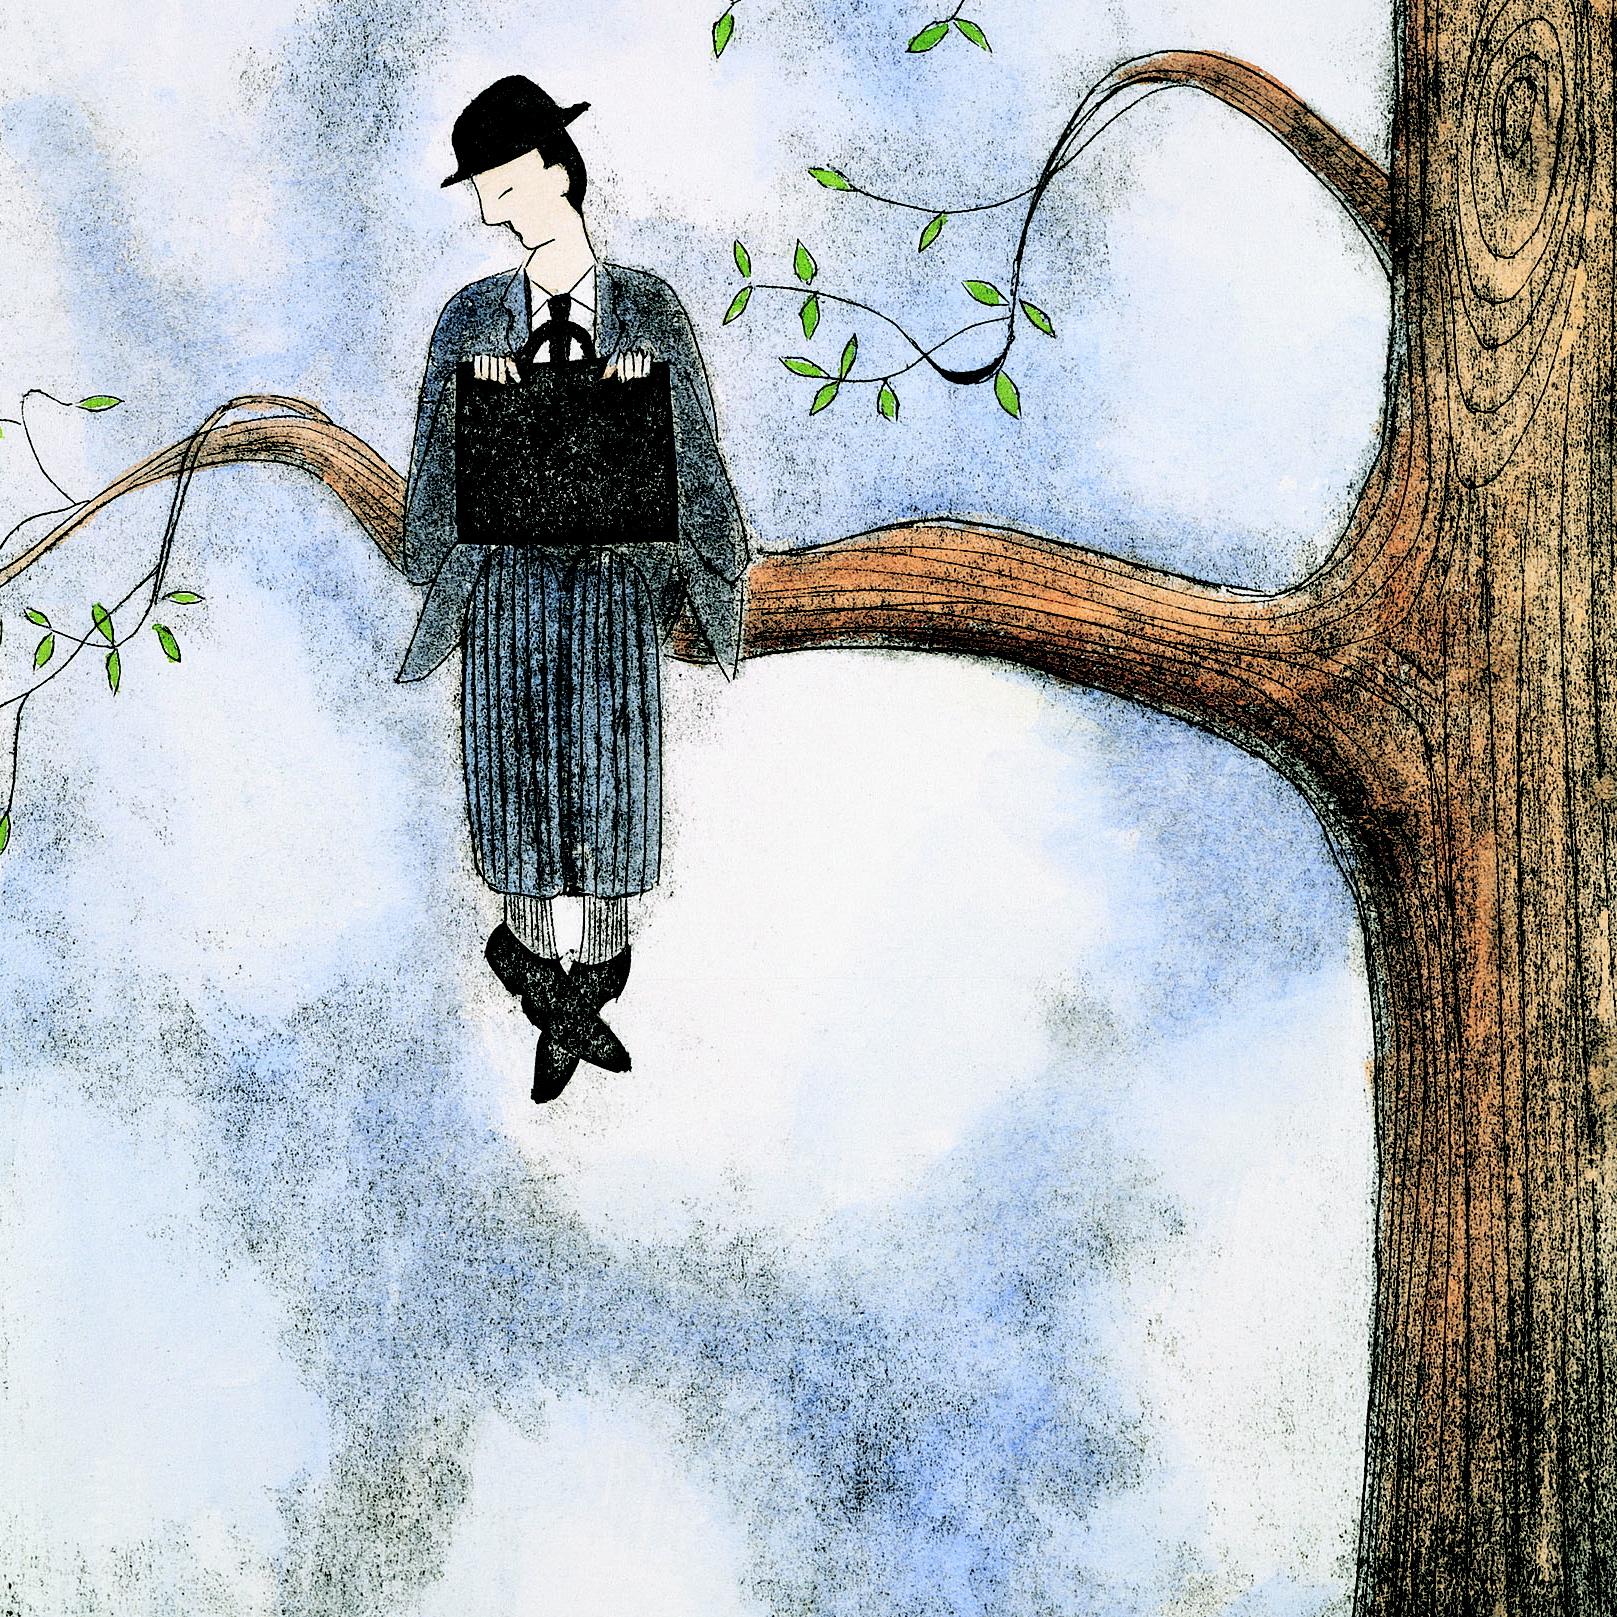 De ervaren mentor kijkt wijs als een uil op een tak naar de high potential die hij steunt